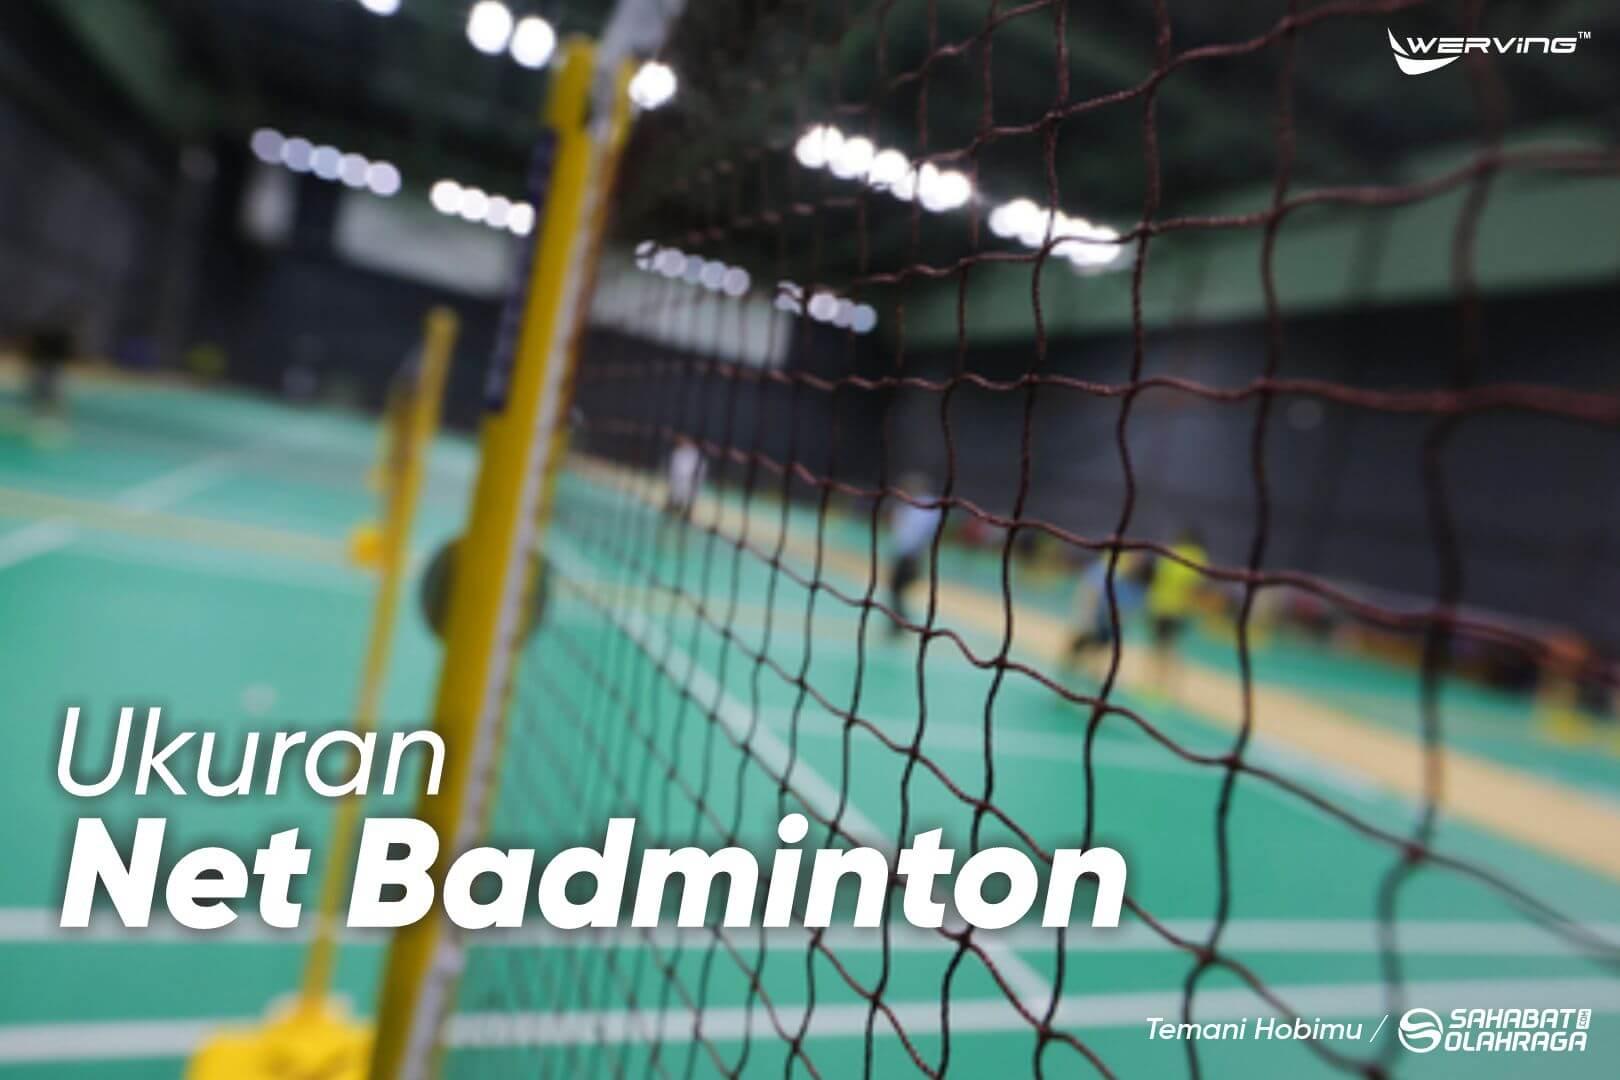 Ukuran Net Badminton